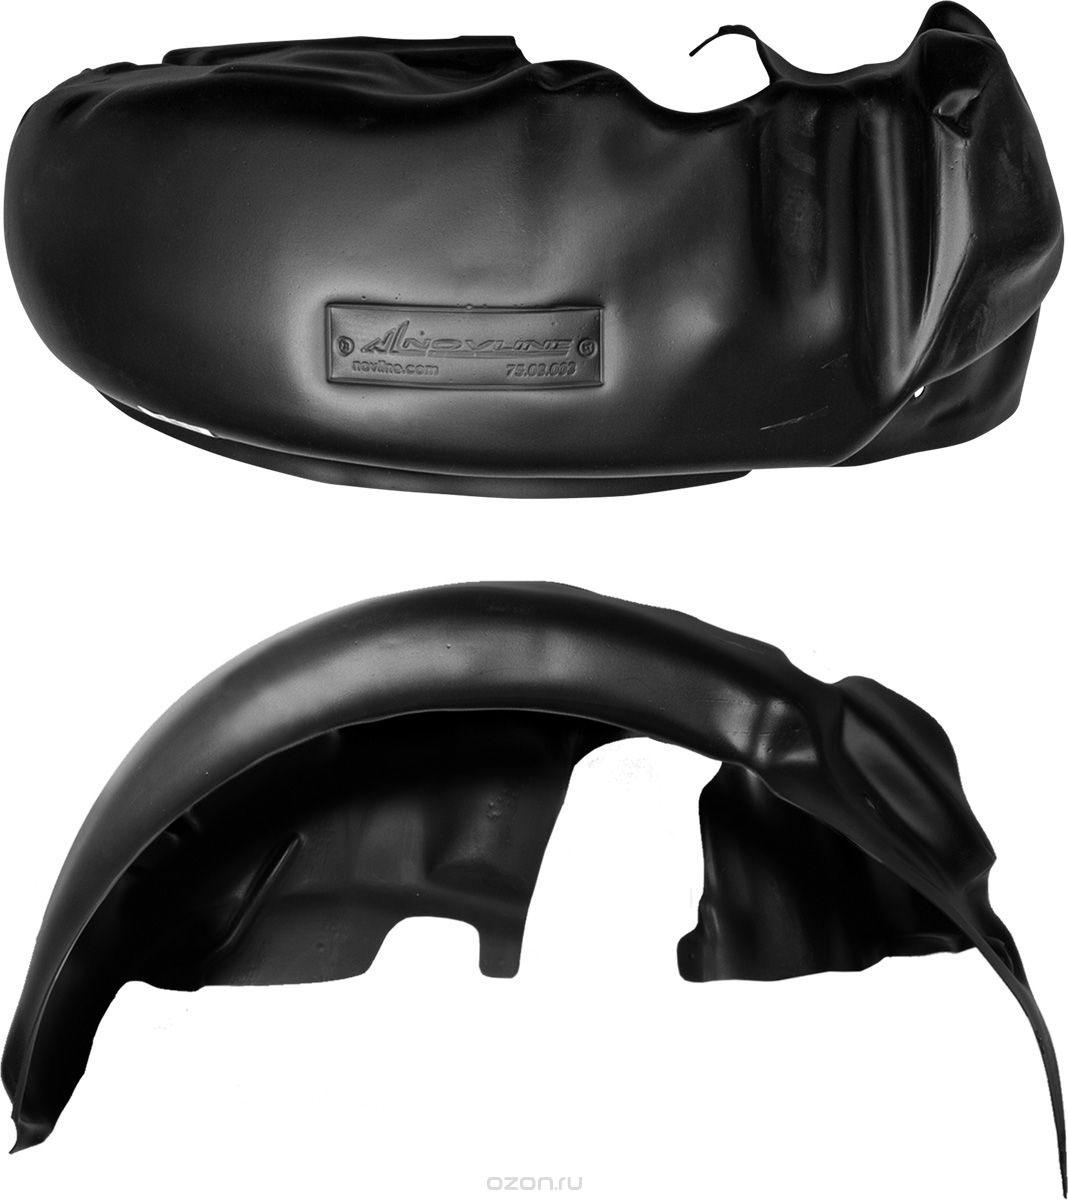 Подкрылок Novline-Autofamily, для Renault Duster, 05/2015->, передний левыйNLL.41.41.001Идеальная защита колесной ниши. Локеры разработаны с применением цифровых технологий, гарантируют максимальную повторяемость поверхности арки. Изделия устанавливаются без нарушения лакокрасочного покрытия автомобиля, каждый подкрылок комплектуется крепежом. Уважаемые клиенты, обращаем ваше внимание, что фотографии на подкрылки универсальные и не отражают реальную форму изделия. При этом само изделие идет точно под размер указанного автомобиля.